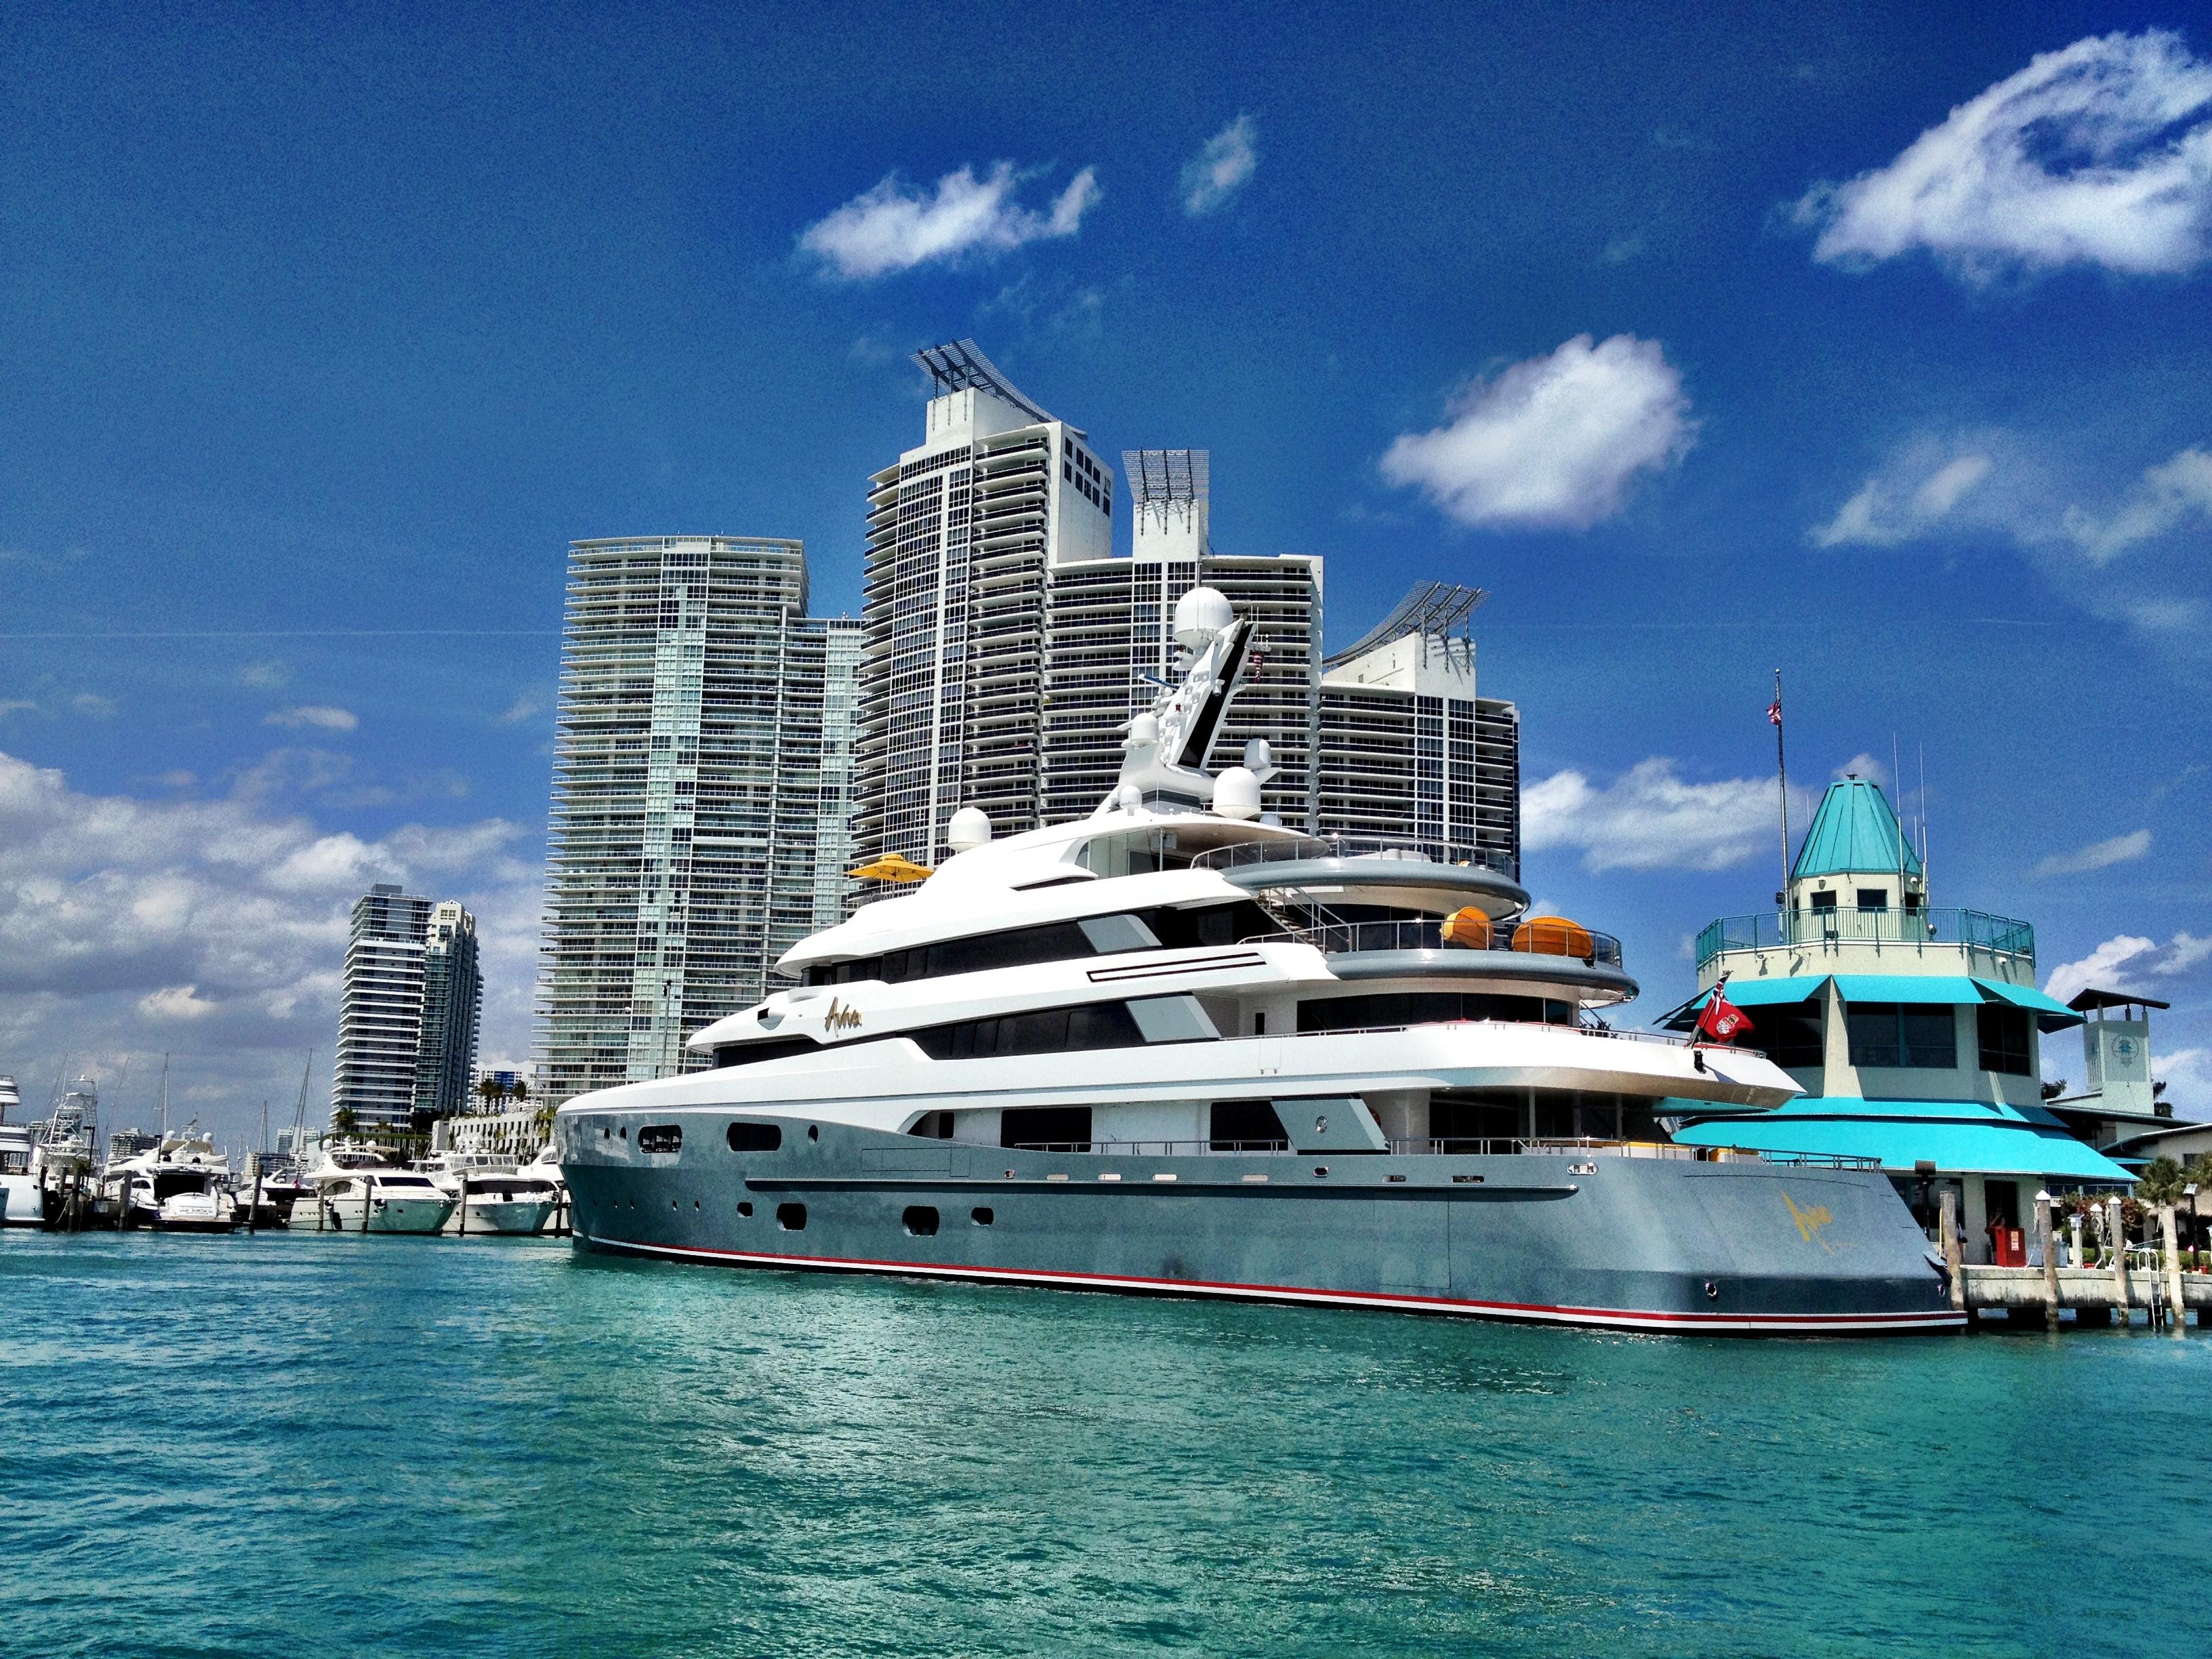 South Beach Luxury Ocean Hotel Suites Phone Number